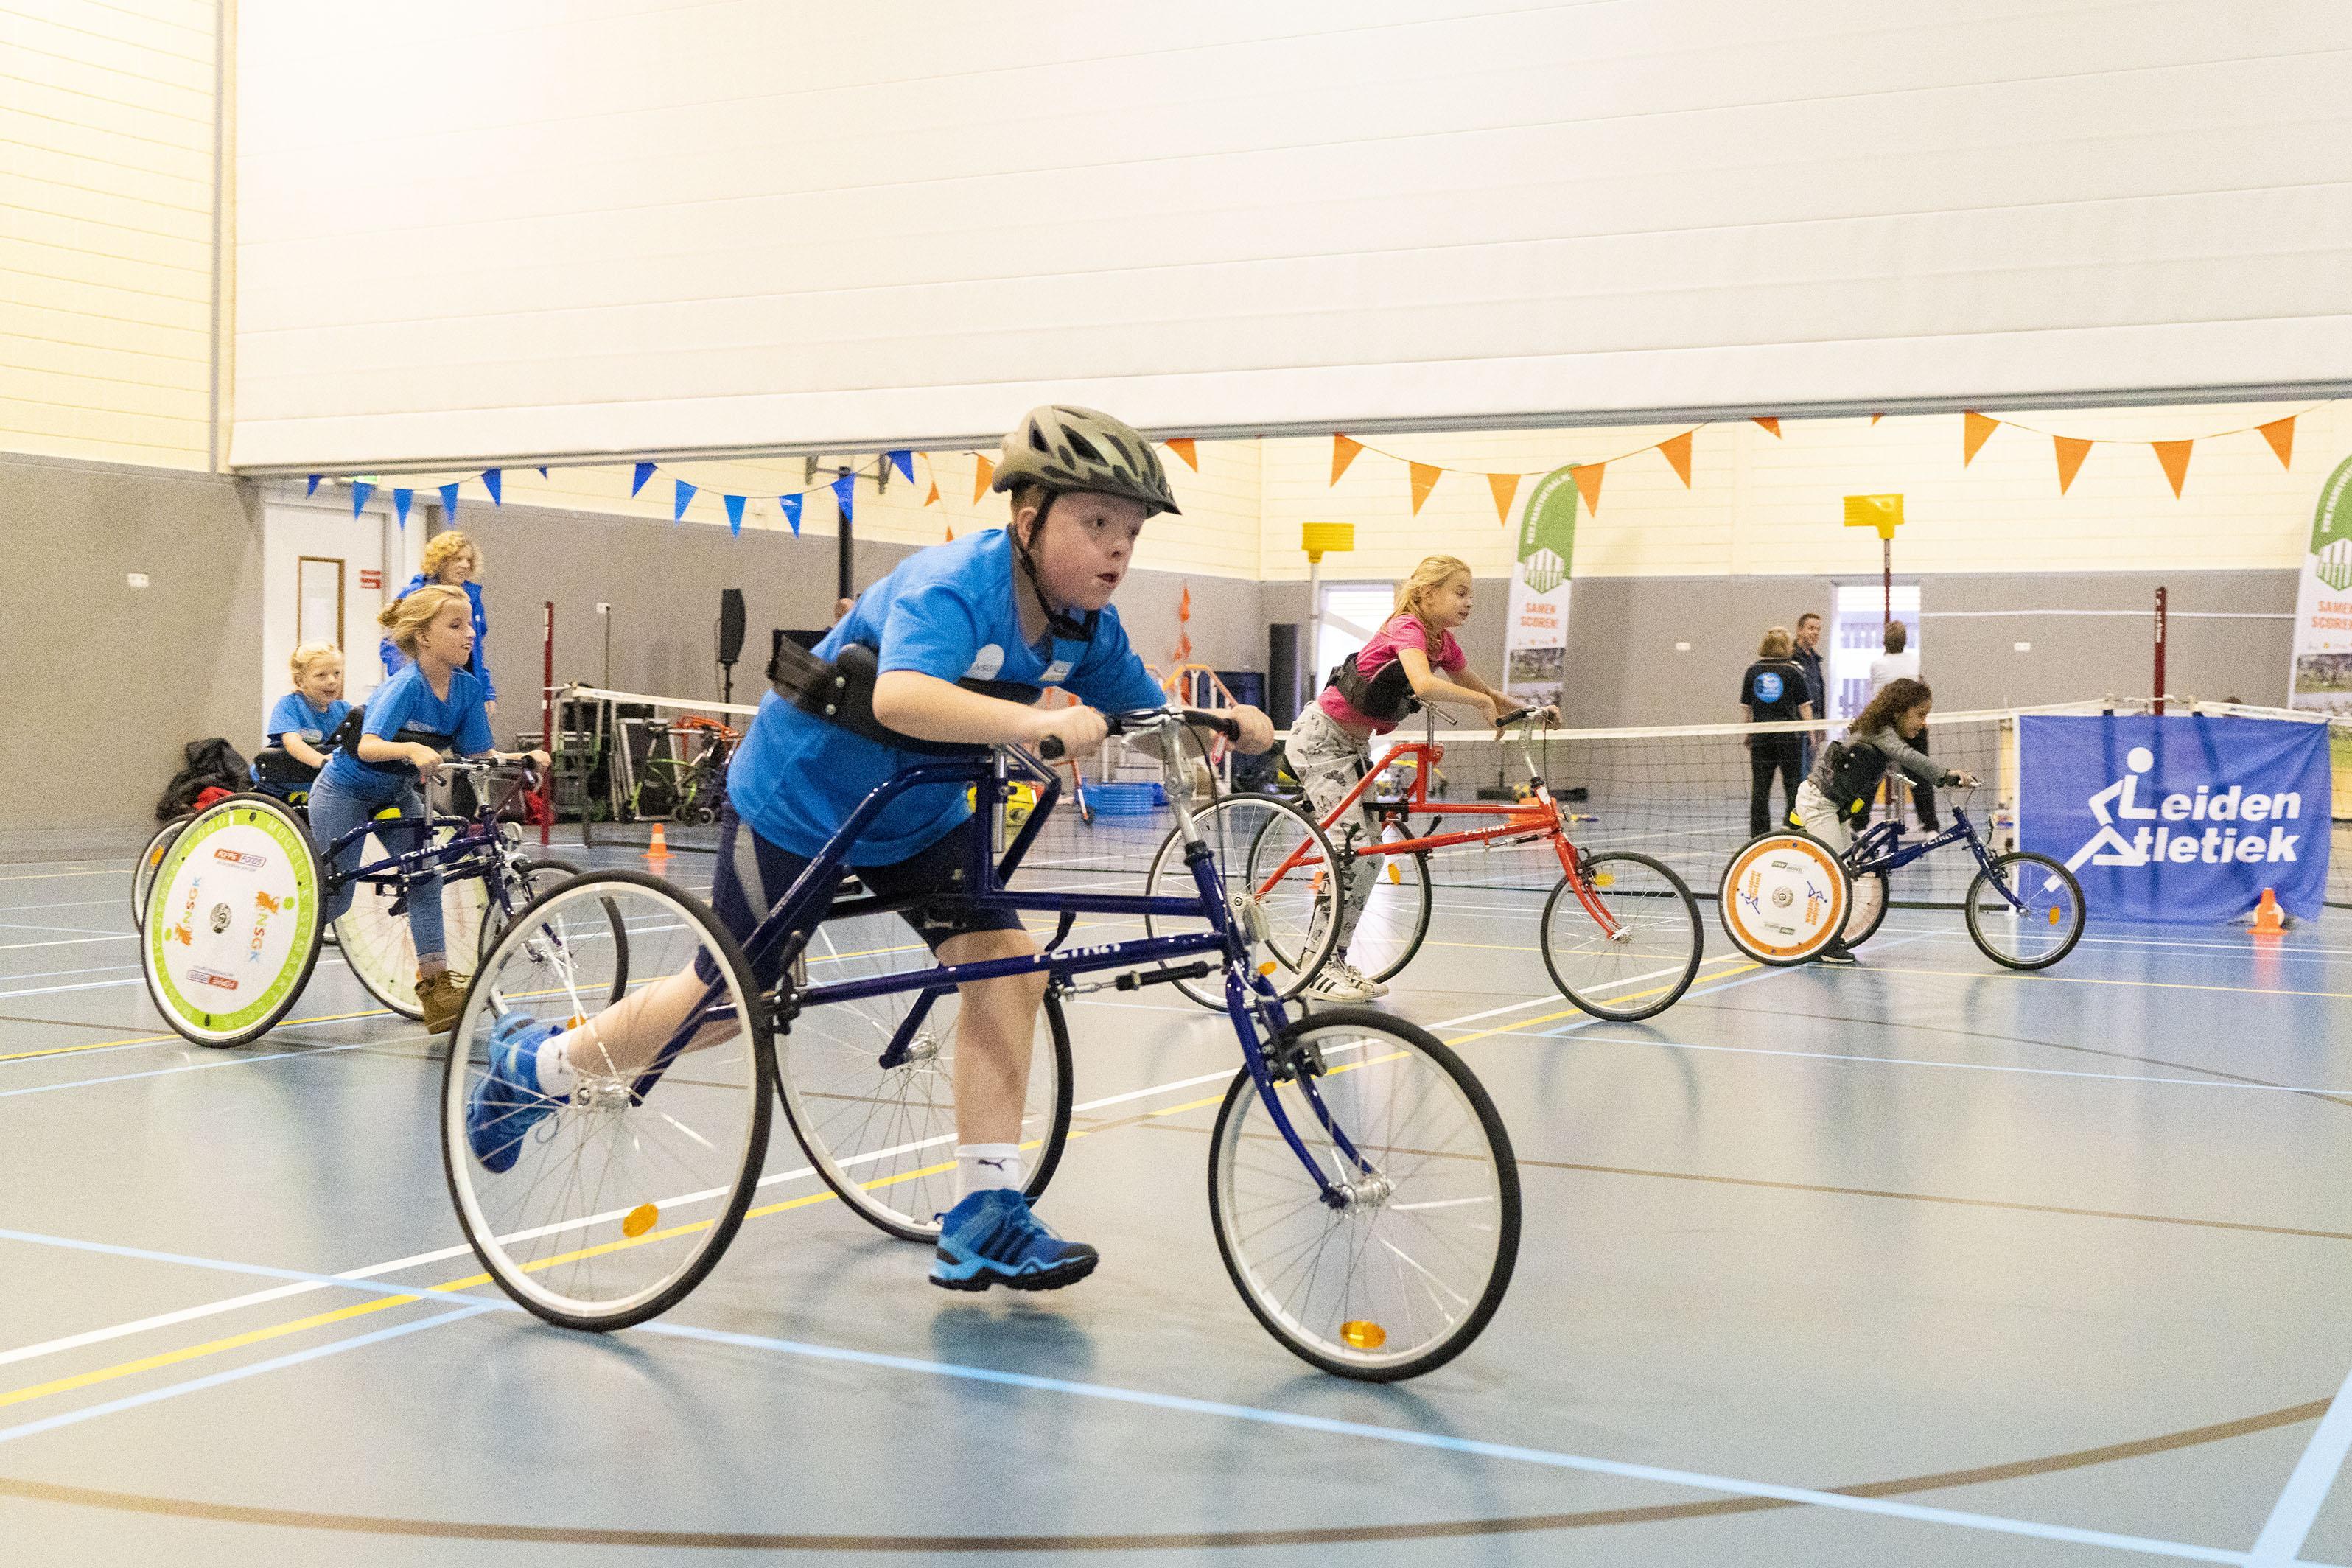 Kinderen proberen sporten uit bij revalidatiecentrum Basalt Leiden